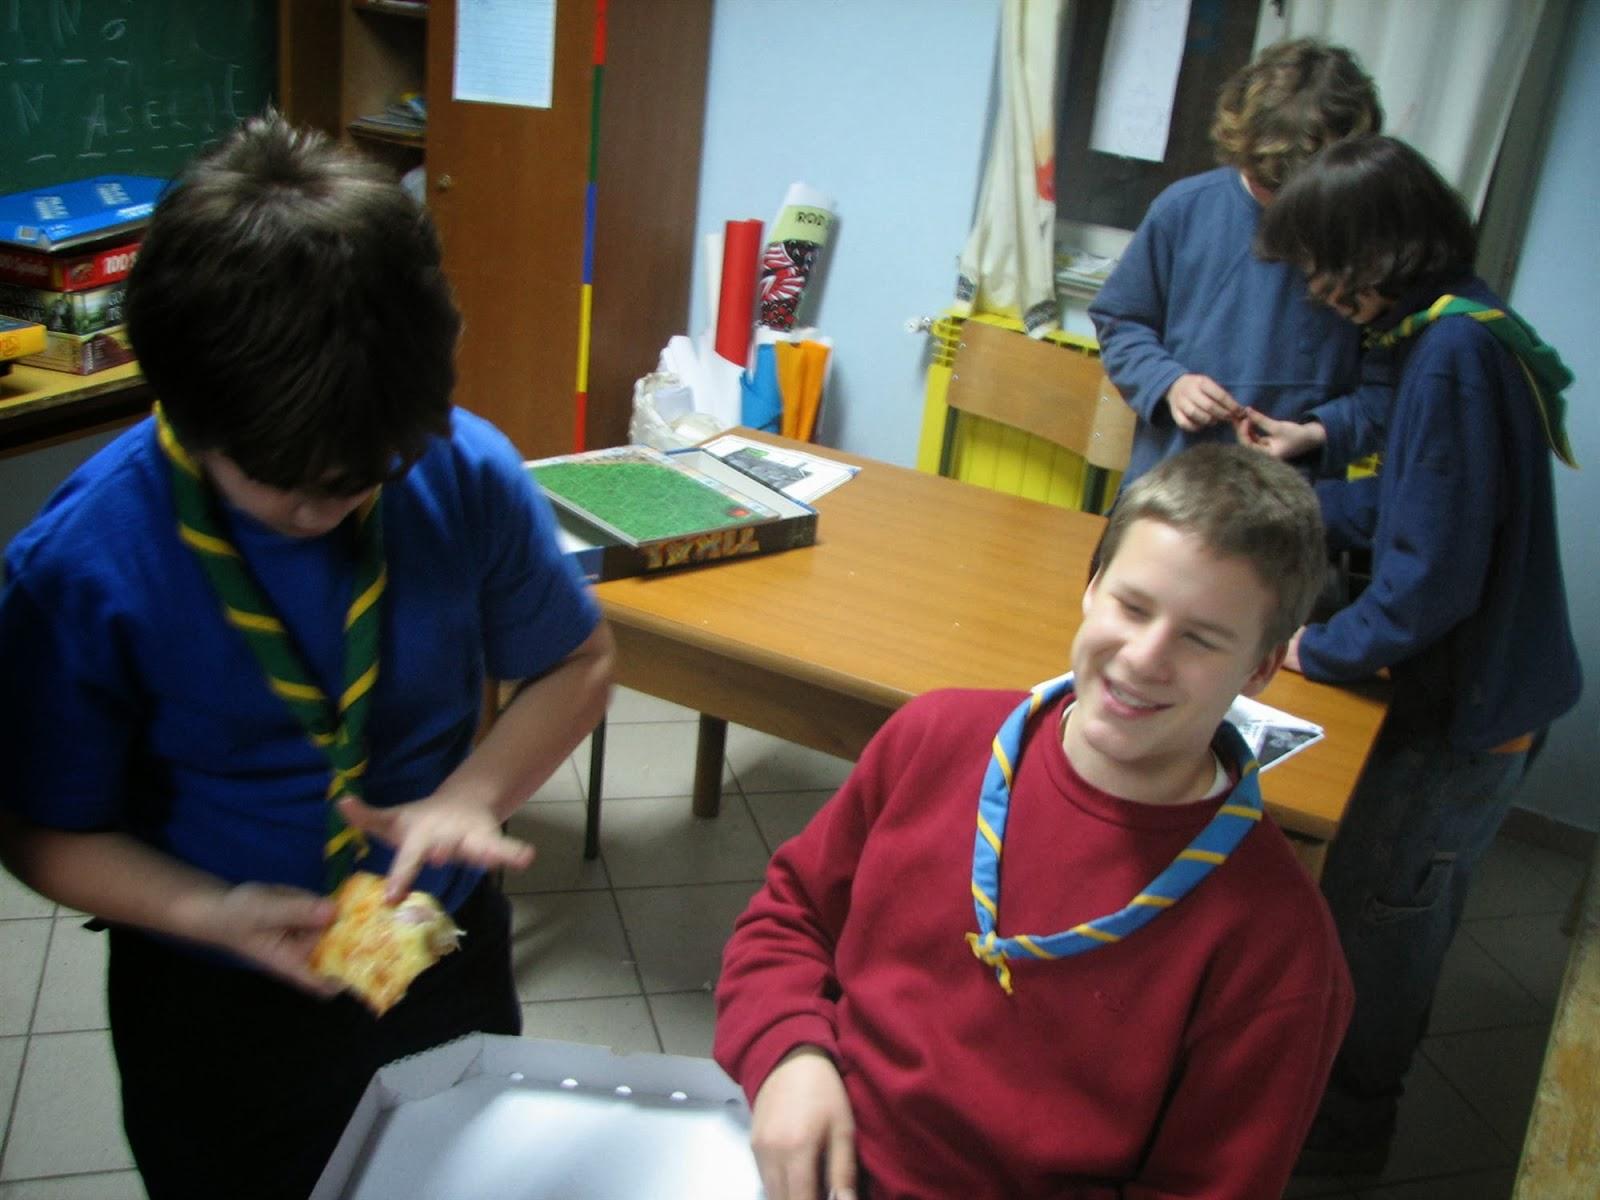 Večer družabnih iger, Ilirska Bistrica 2006 - vecer%2Bdruzabnih%2Biger%2B06%2B013.jpg